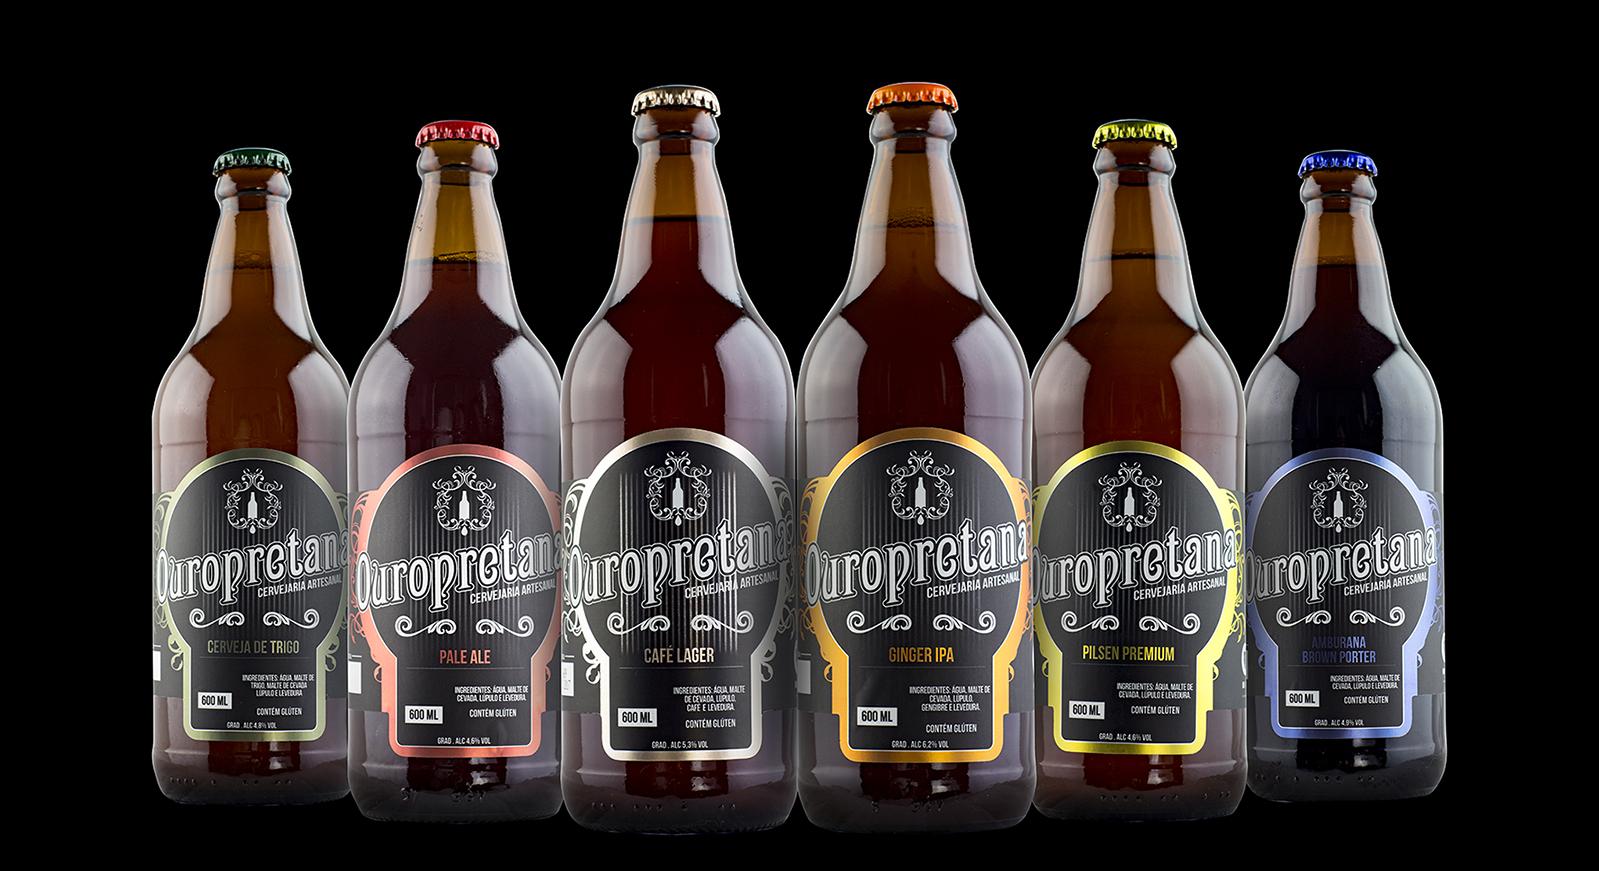 Rótulos Cervejaria Ouropretana